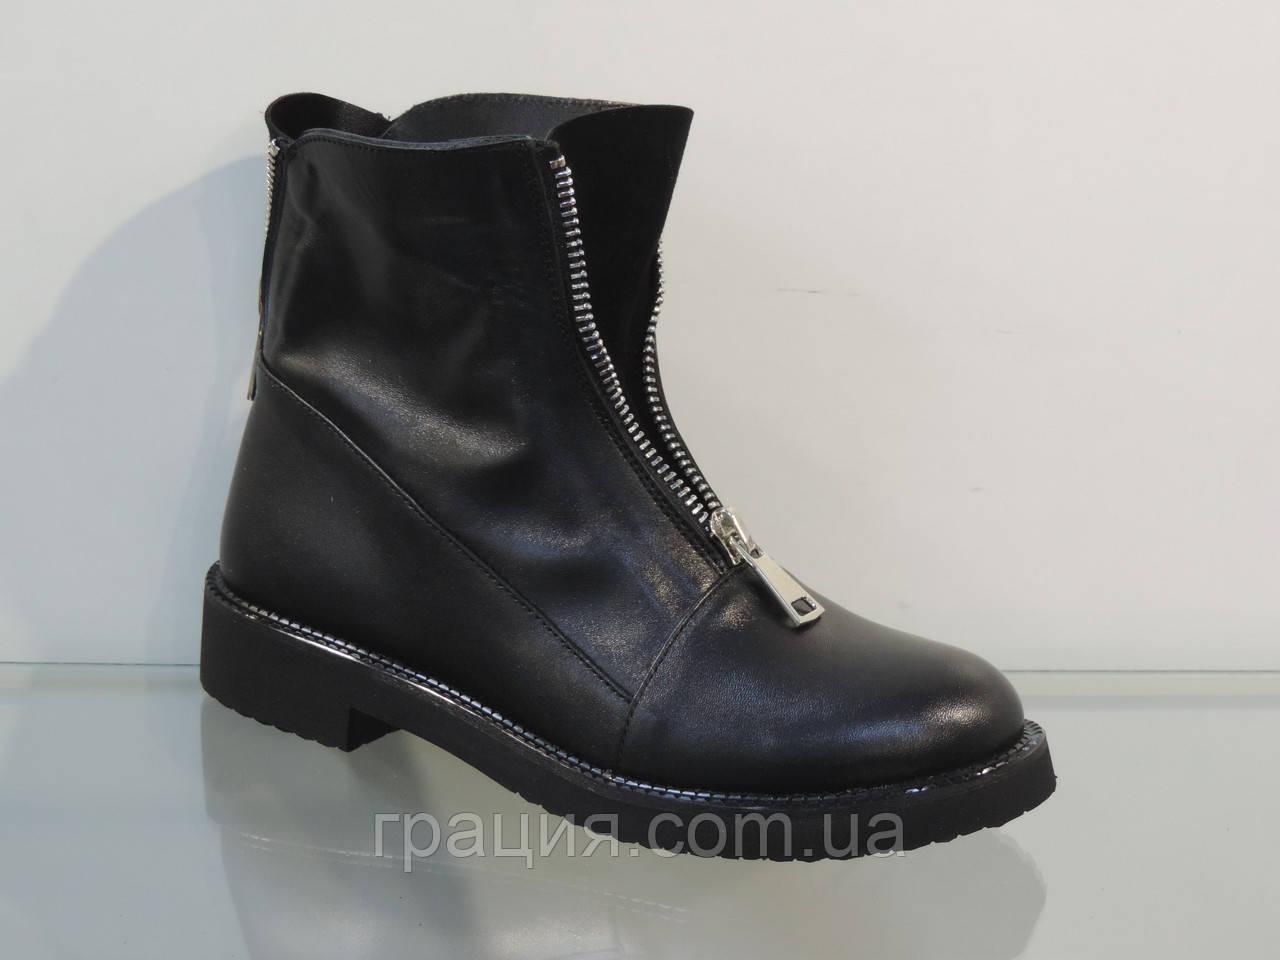 Стильні молодіжні шкіряні черевики демісезонні